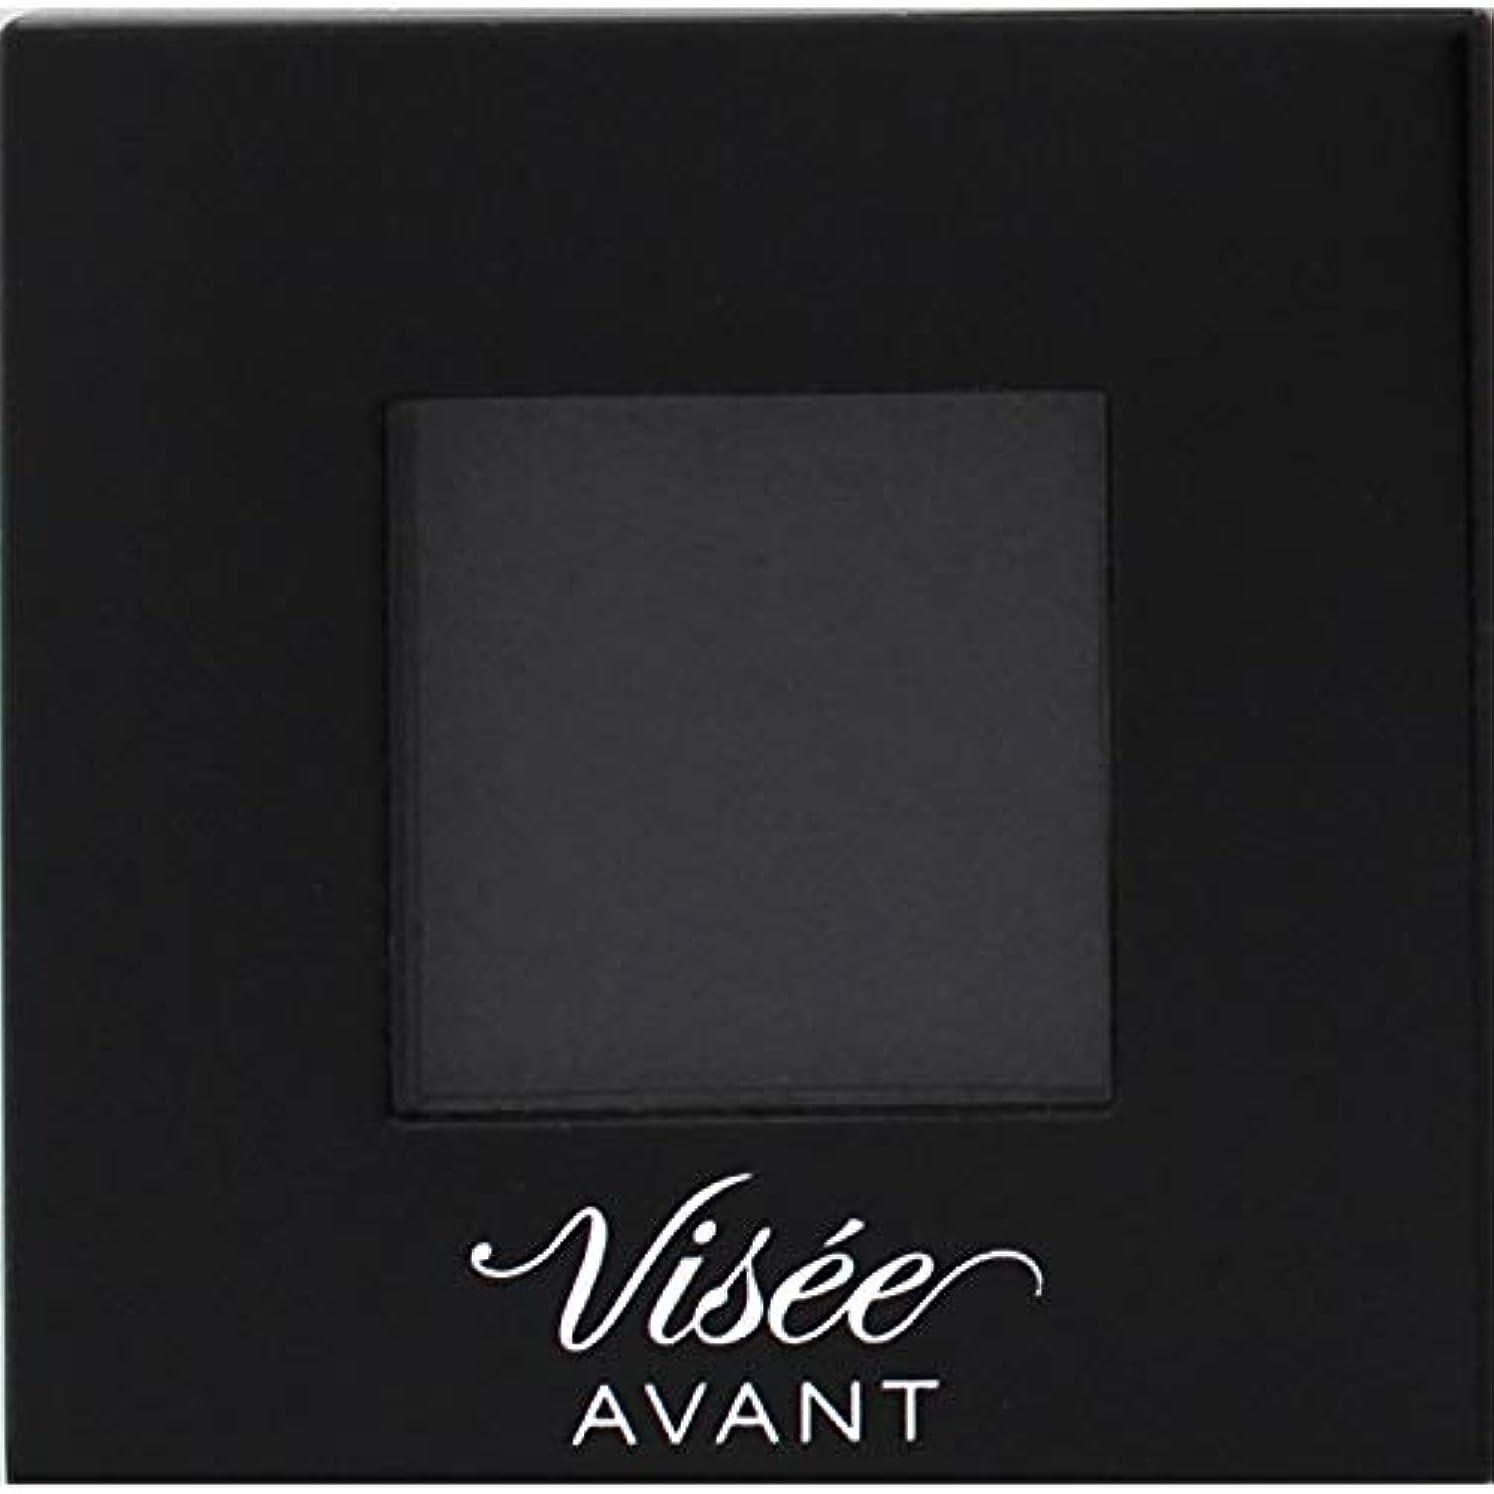 アラブスマイル結果としてヴィセ アヴァン シングルアイカラー BLACK HOLE 017 1g